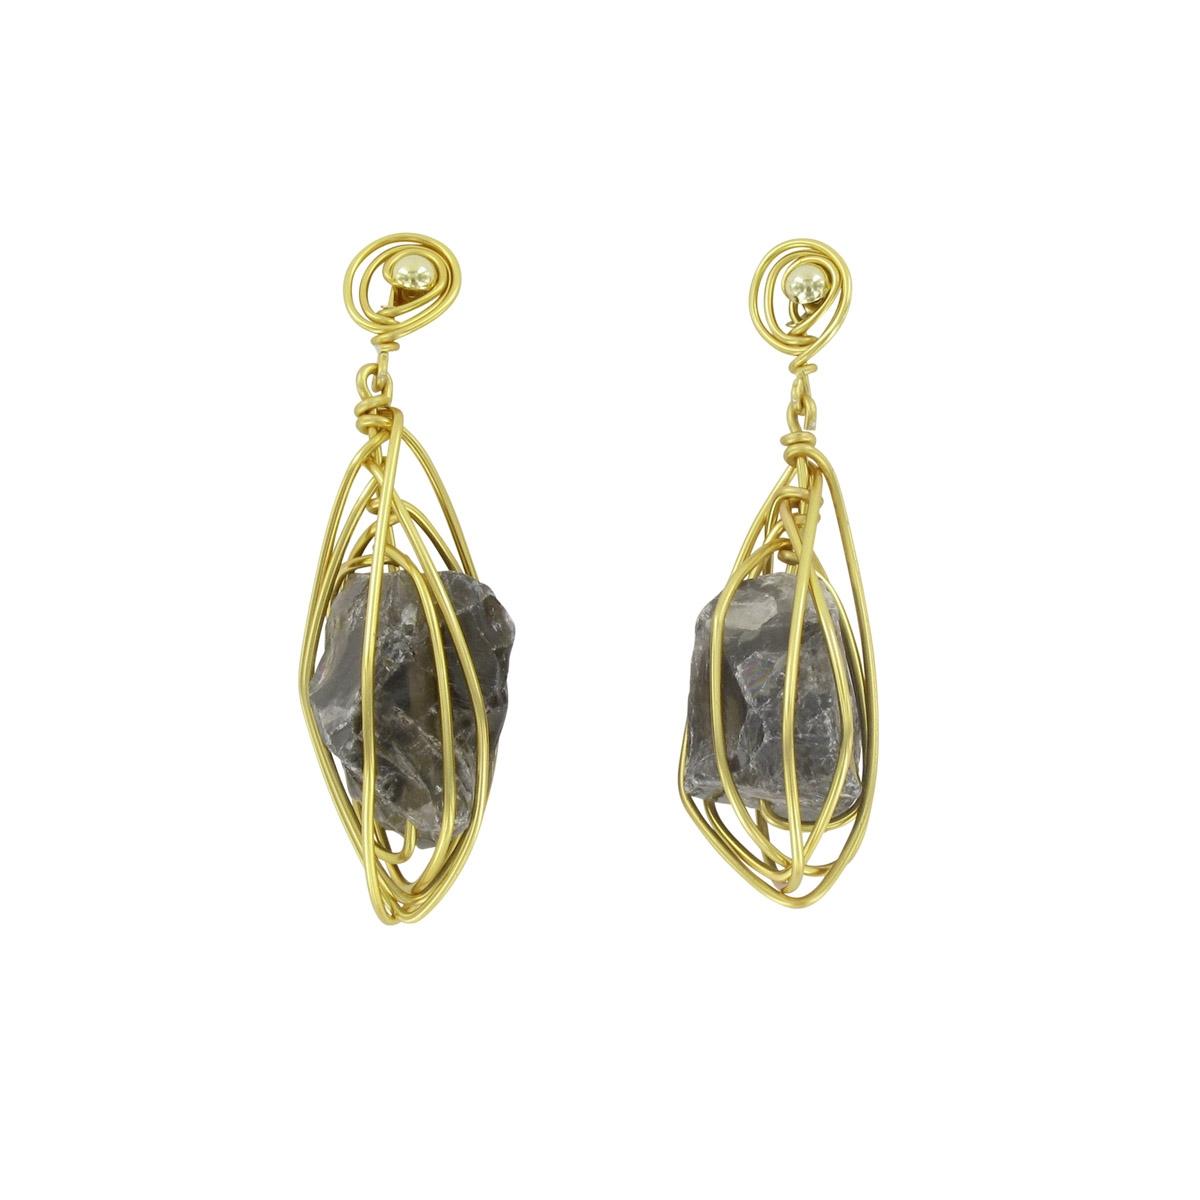 Ohrringe Drops, gold schwarz | Schmuck und Mode bei Private Suite